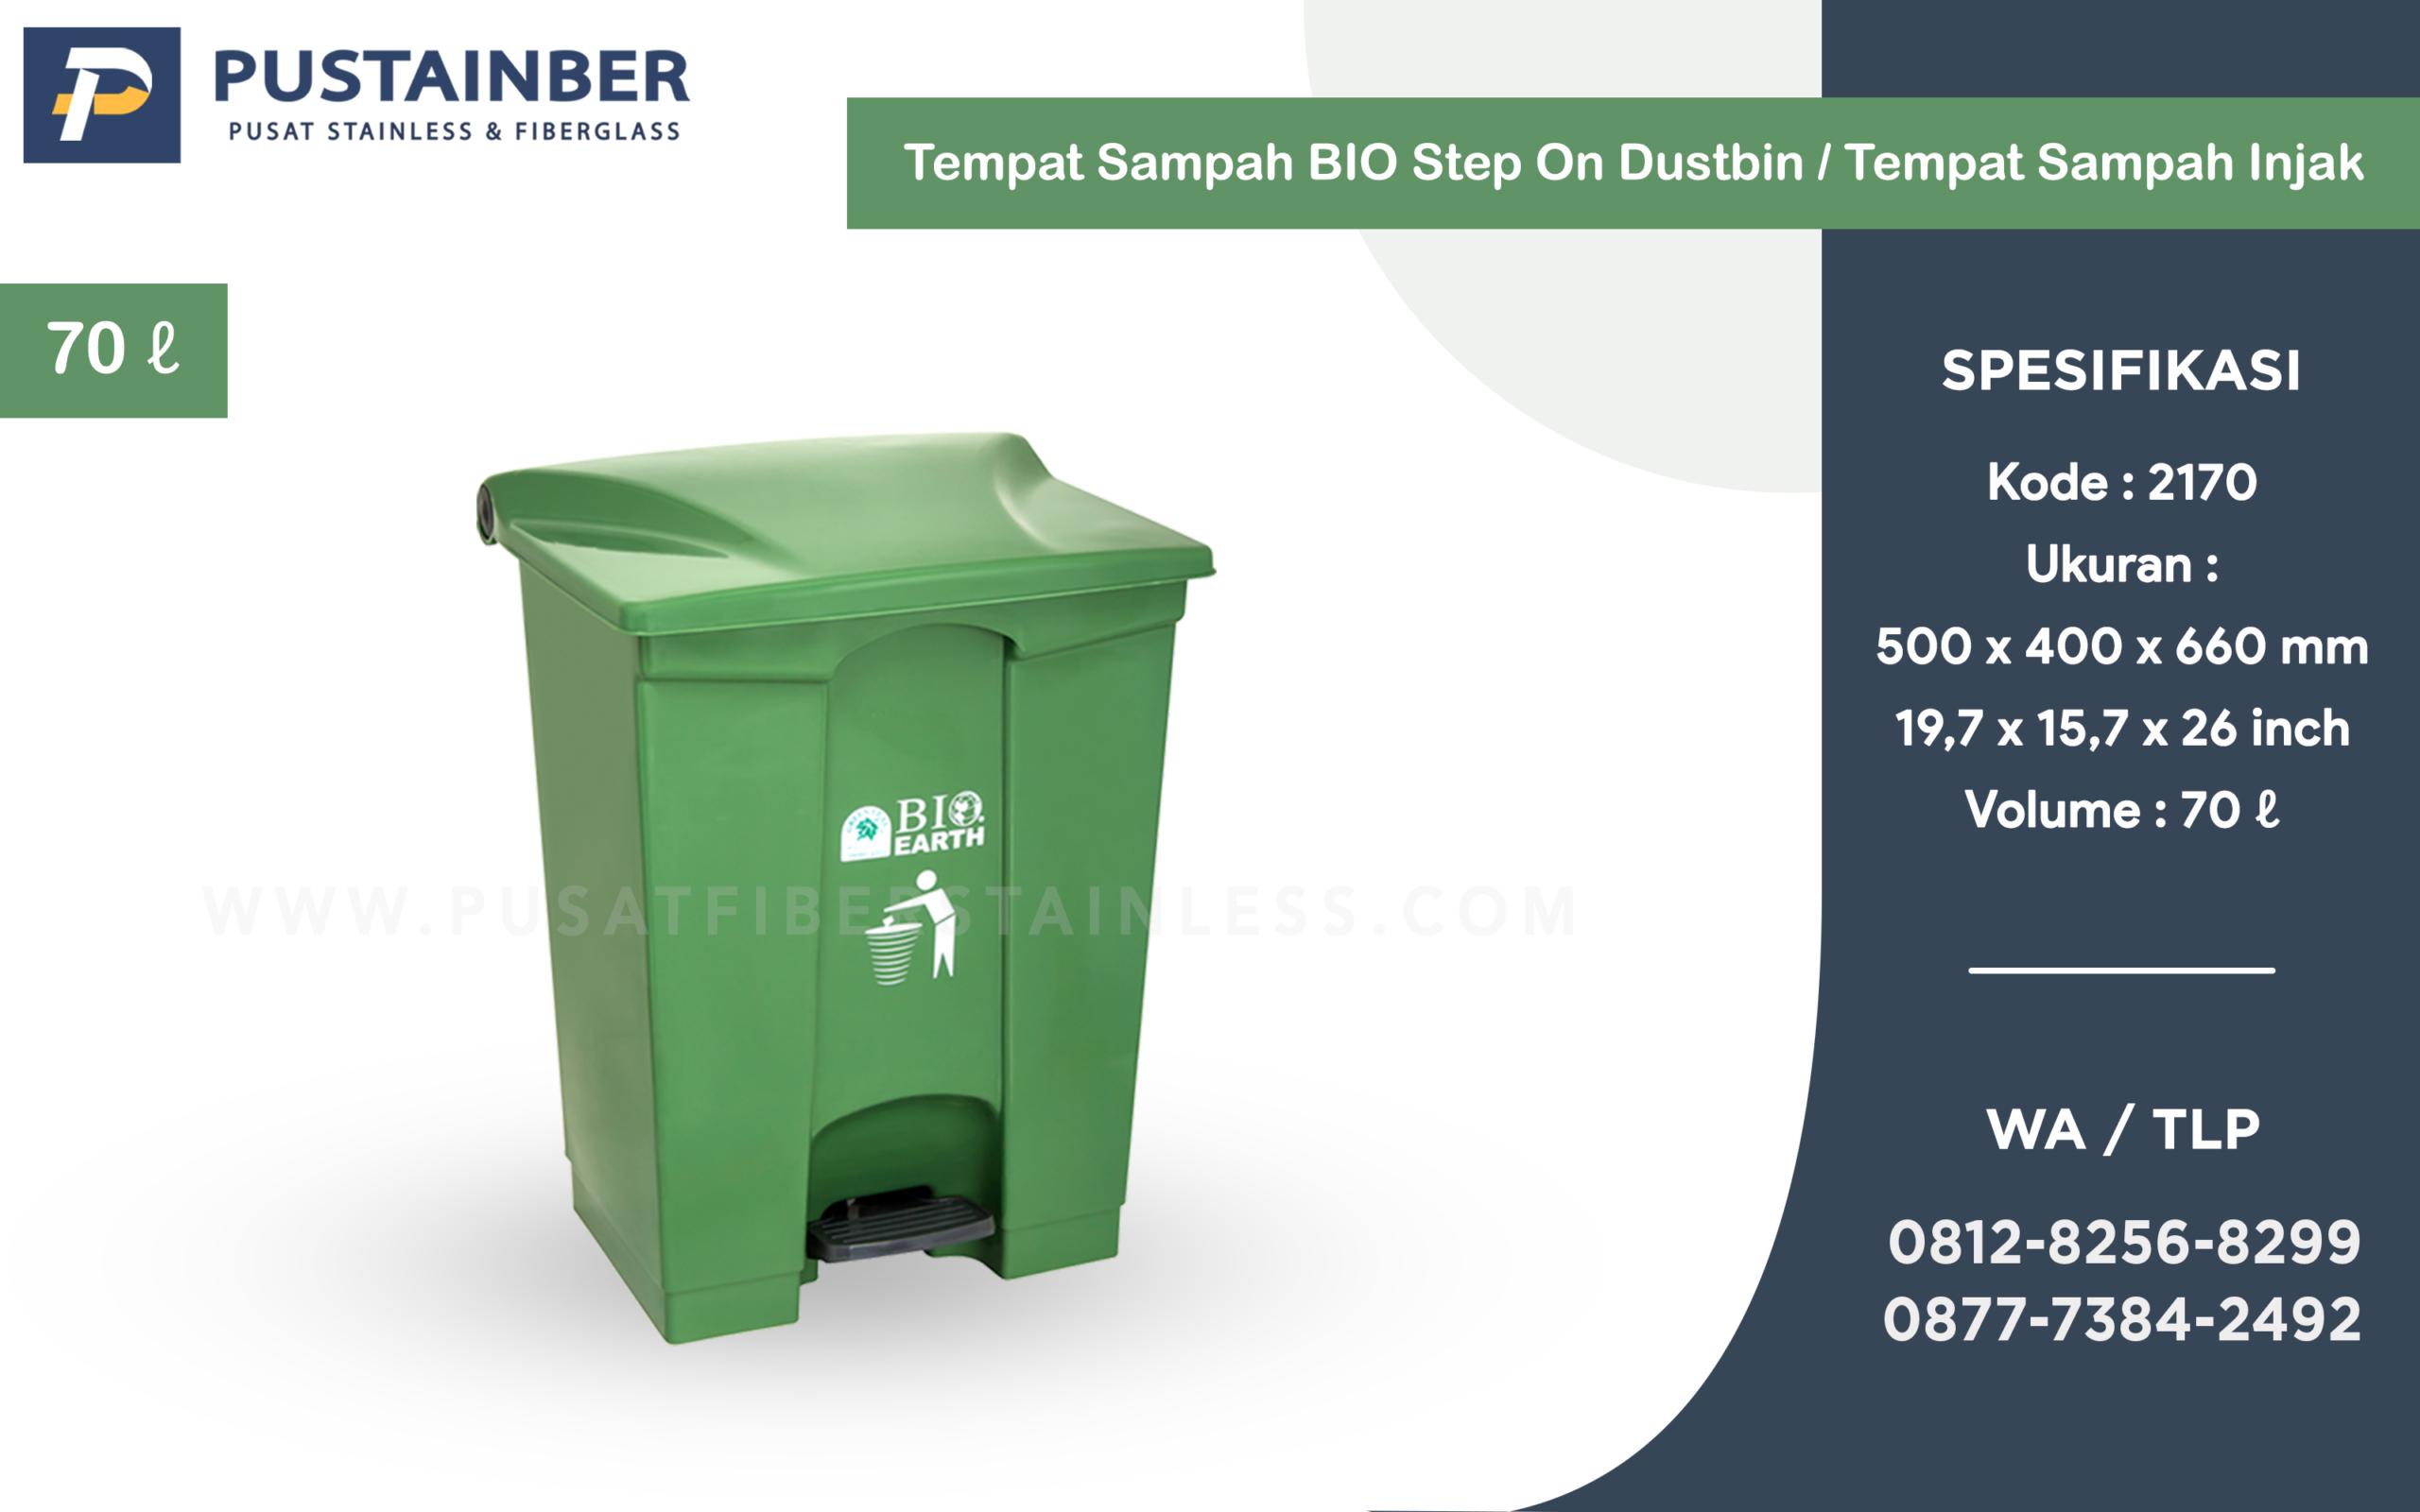 tempat sampah injak,tong sampah plastik bio earth , tempat sampah 70 liter , jual tempat sampah di bandung ,padang,palembang,medan,jepara